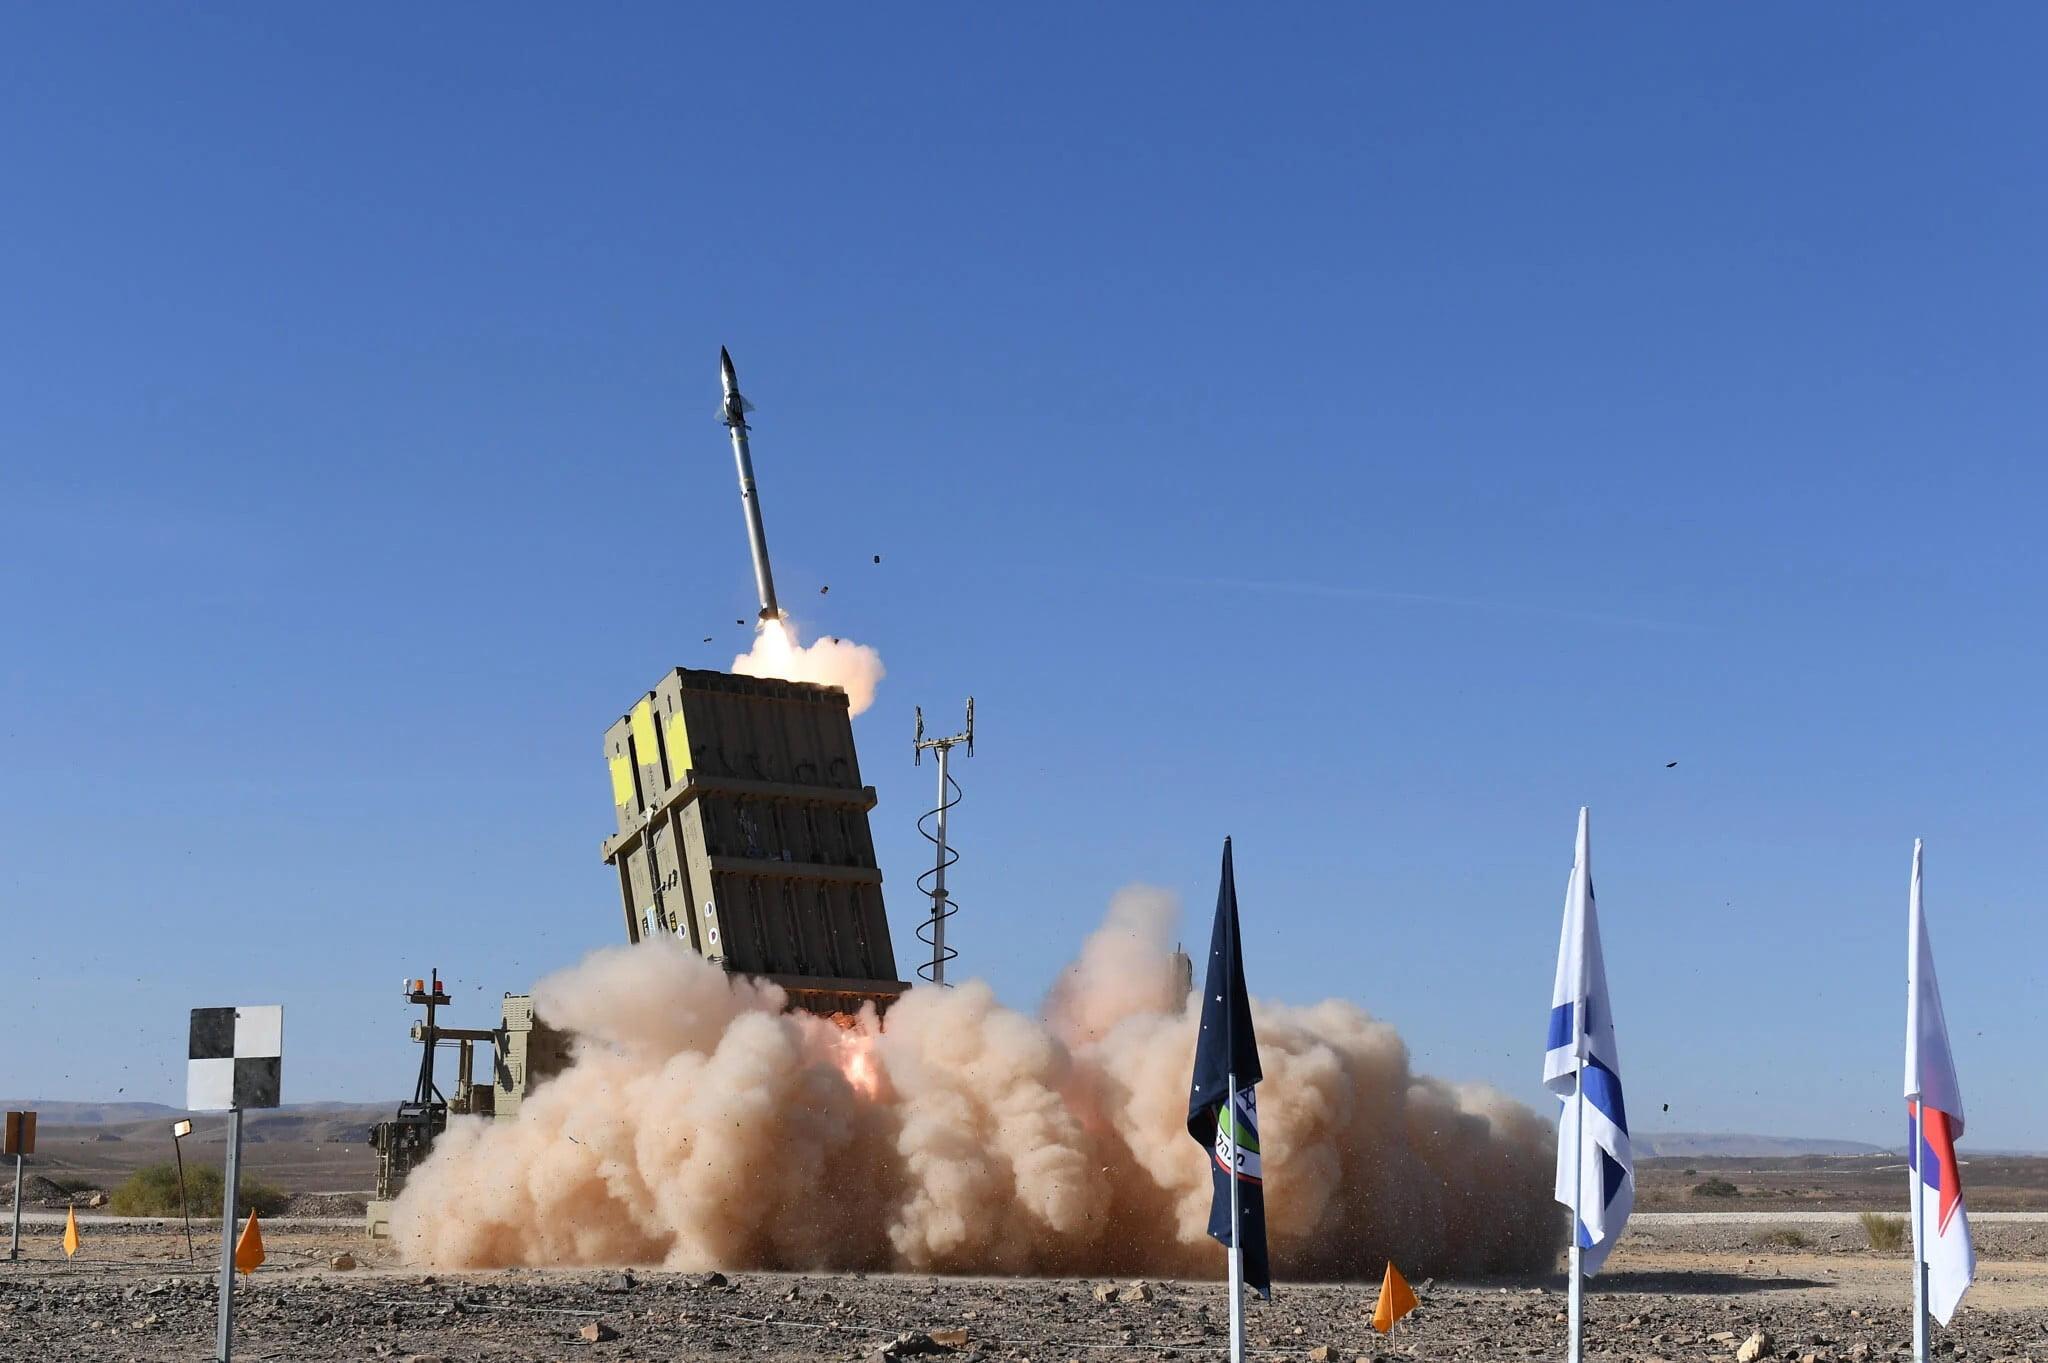 Αντιαεροπορική «ασπίδα» σε Αιγαίο και Έβρο: Λύση «IRON DOME» από το Ισραήλ απέναντι στα Τουρκικά UAV και στους πυραύλους ATMACA